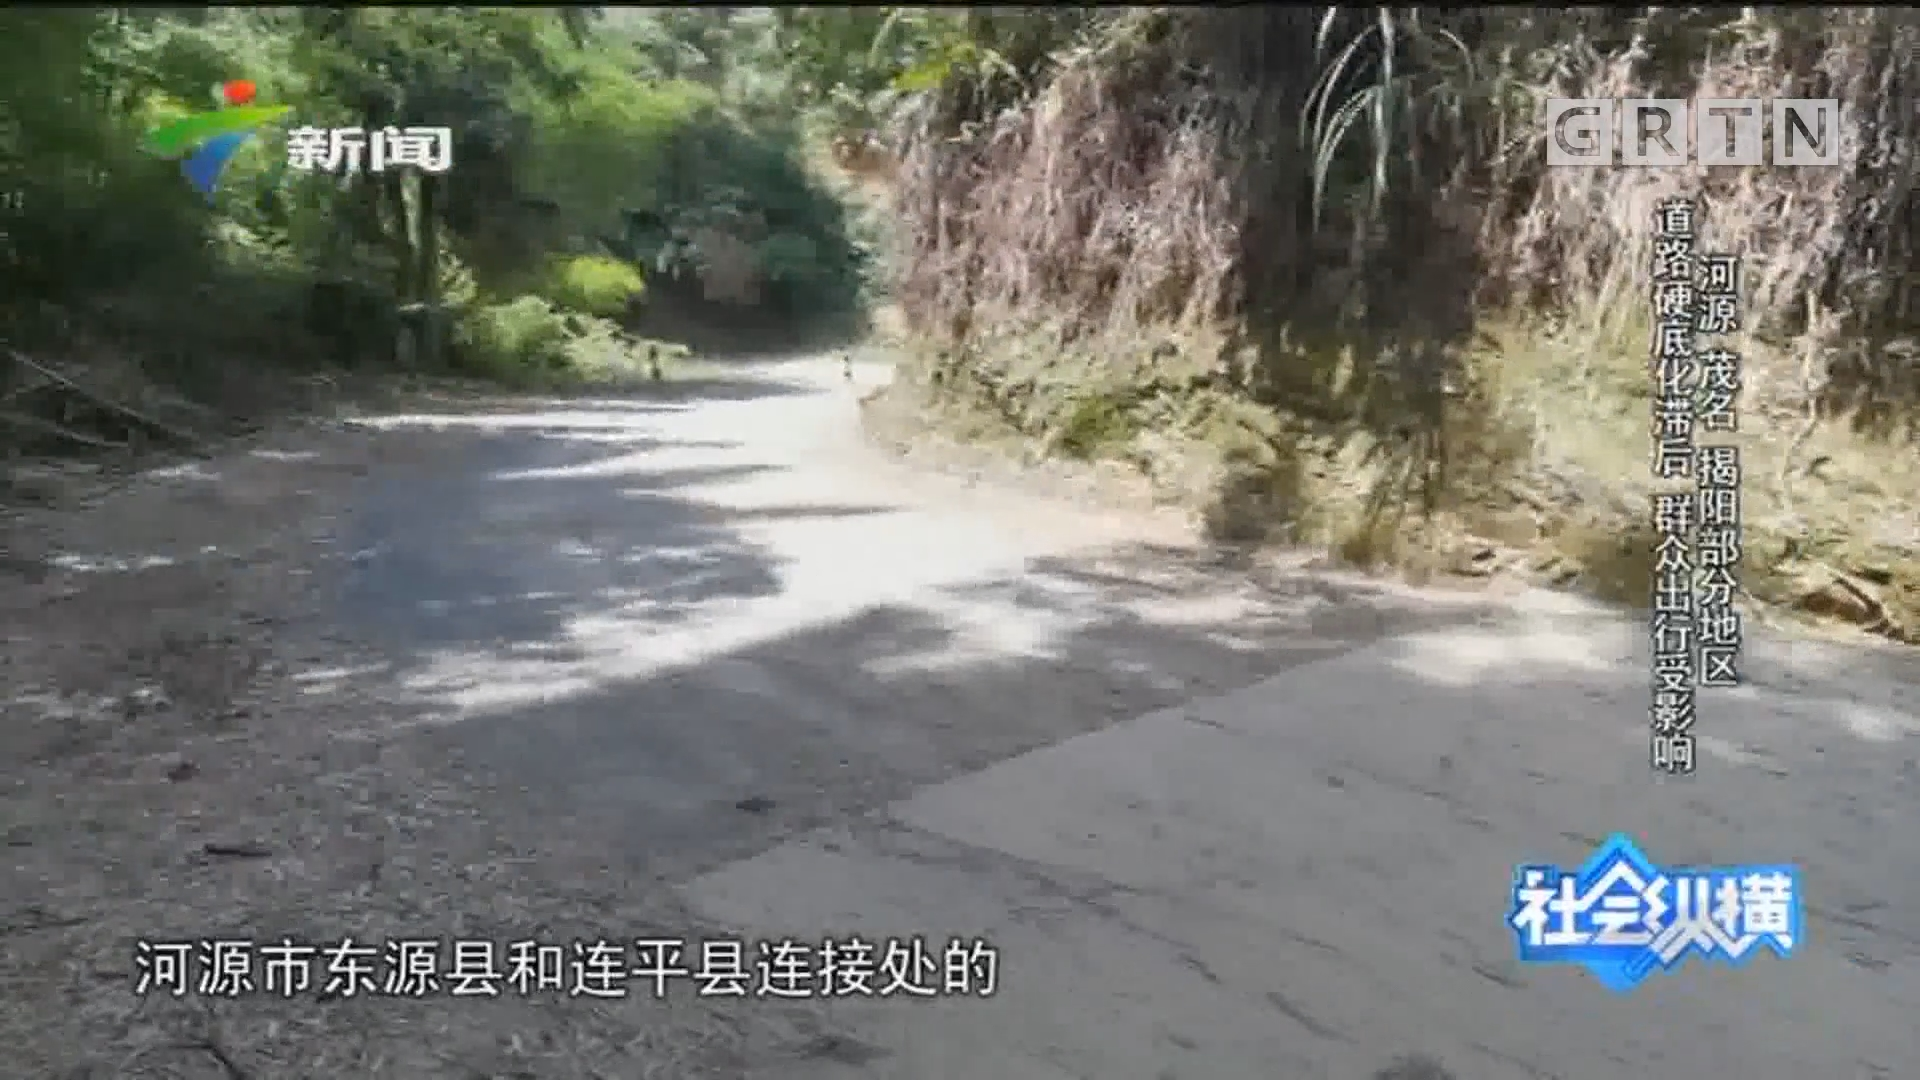 [HD][2019-08-29]社会纵横:河源 茂名 揭阳部分地区 道路硬底化滞后 群众出行受影响